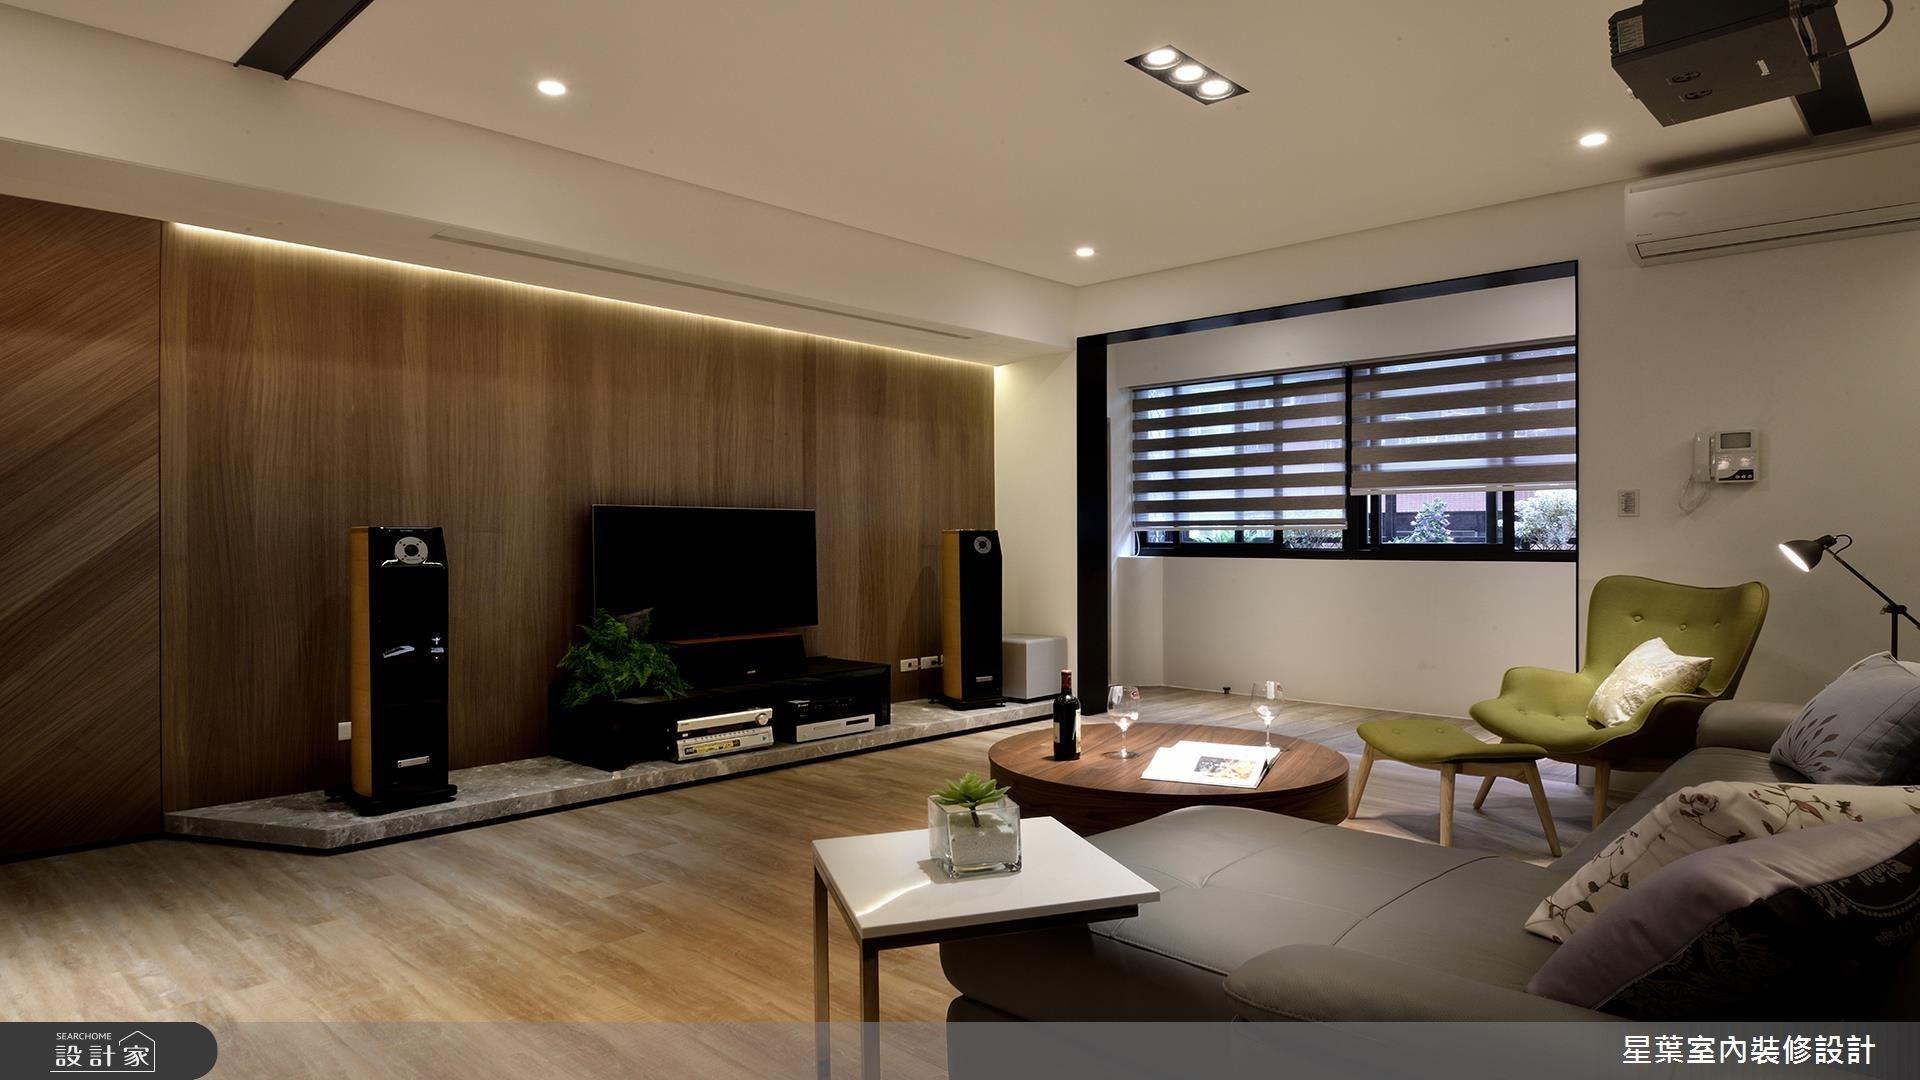 34坪老屋(16~30年)_休閒風客廳案例圖片_星葉室內裝修設計_星葉_21之4